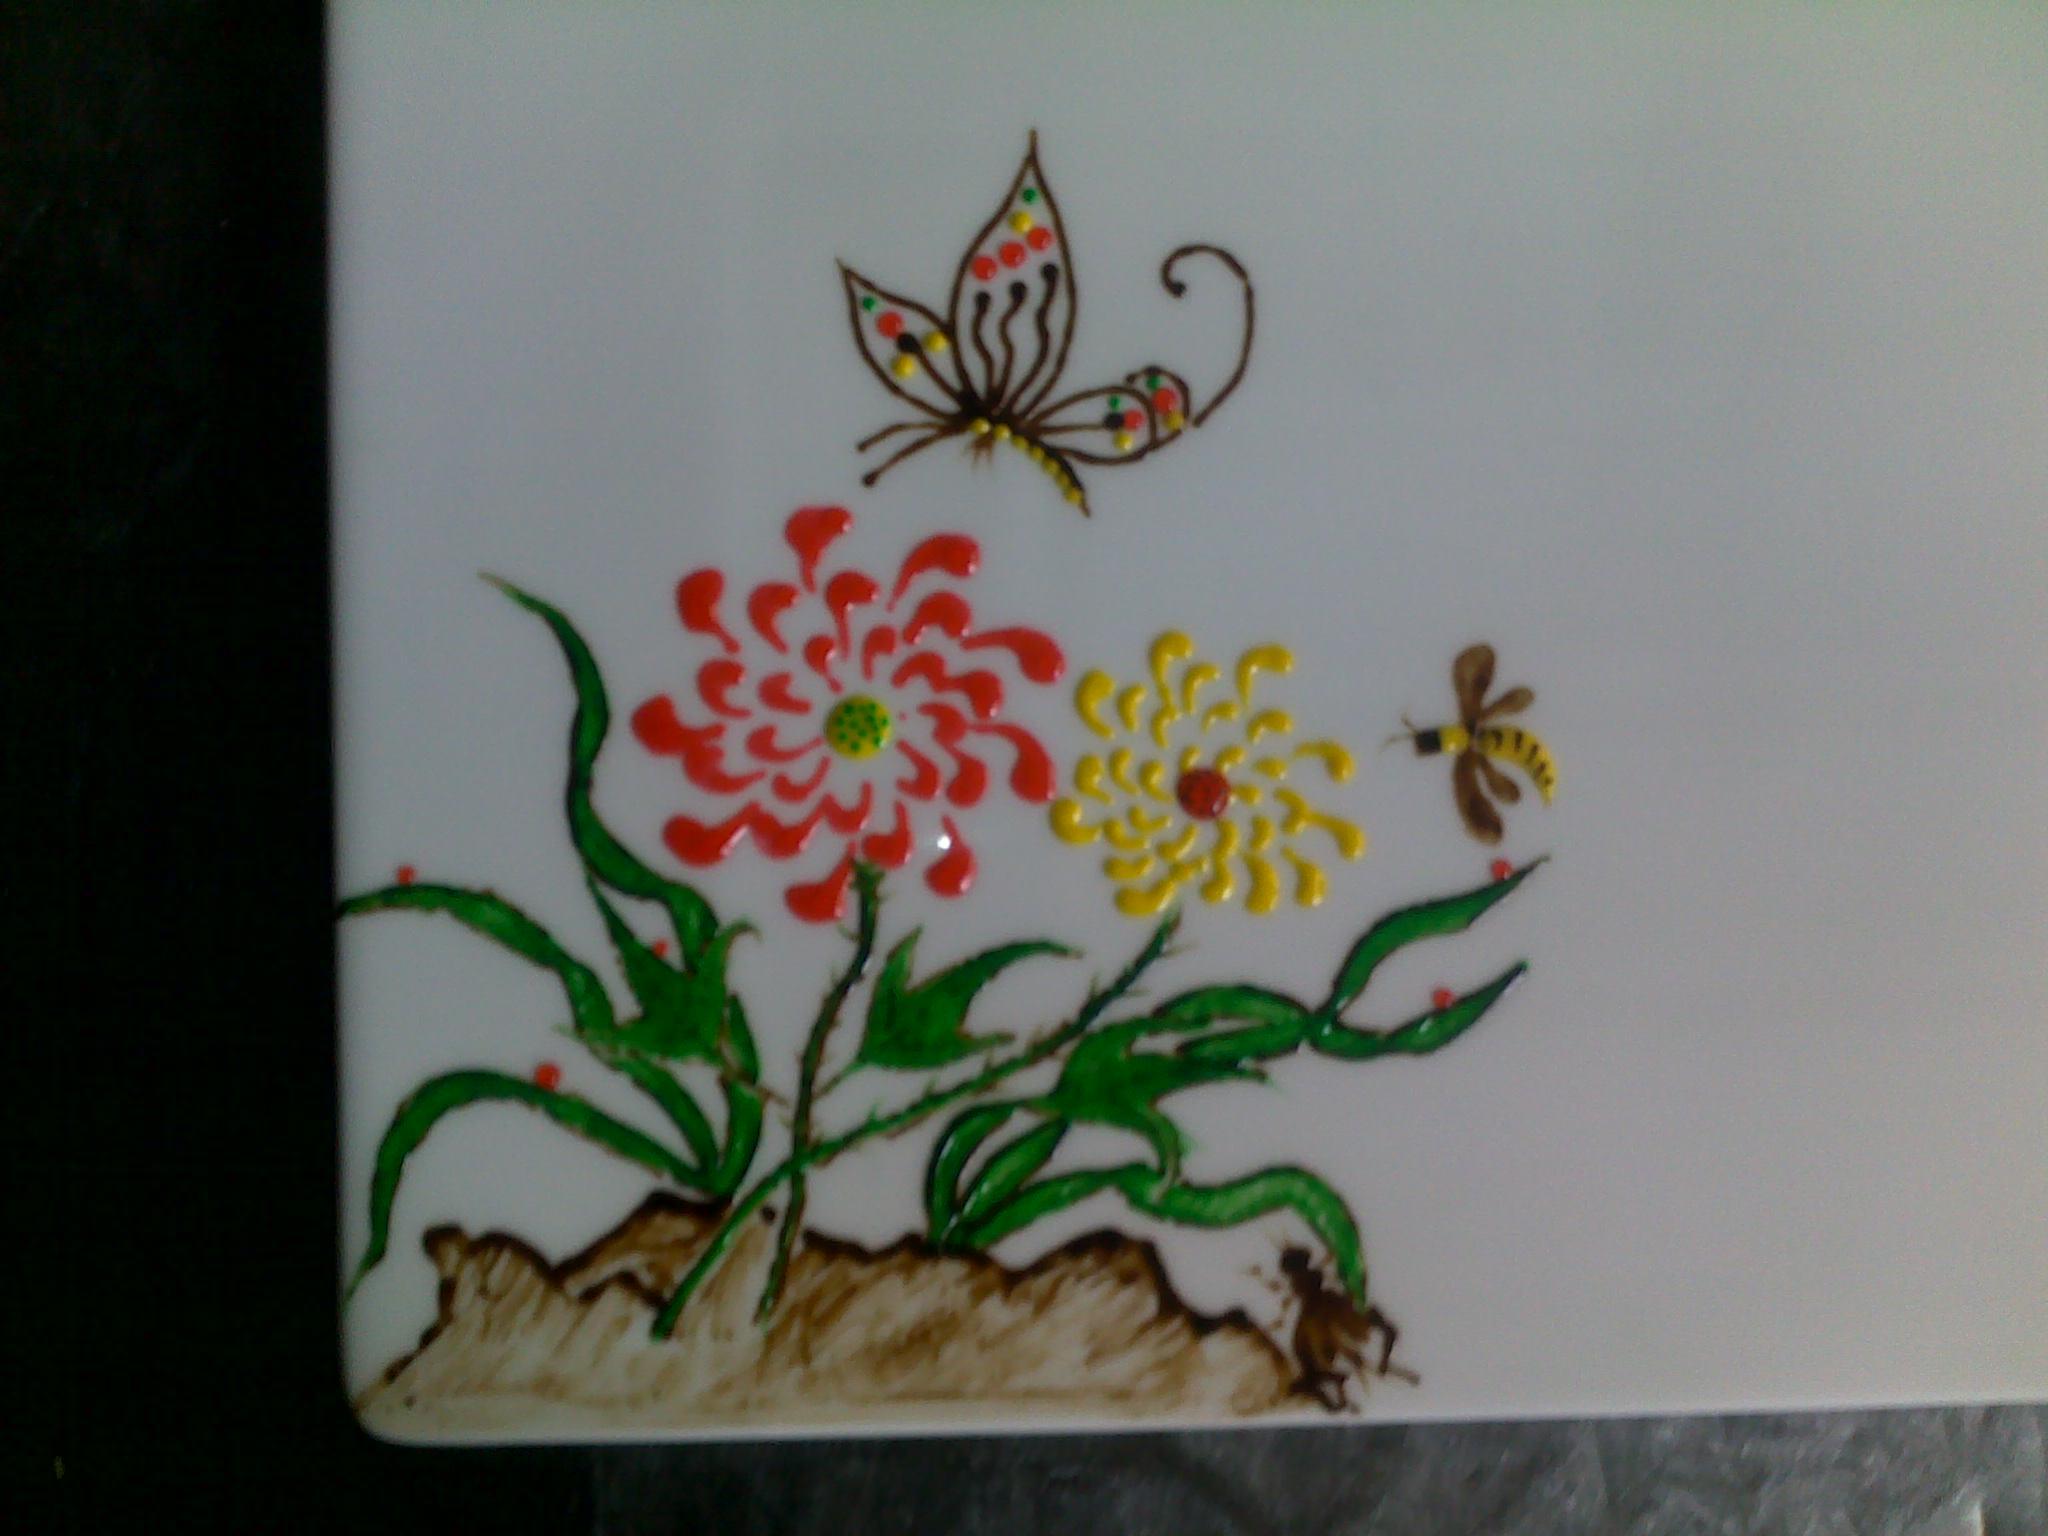 果酱画玫瑰花画法分享展示图片